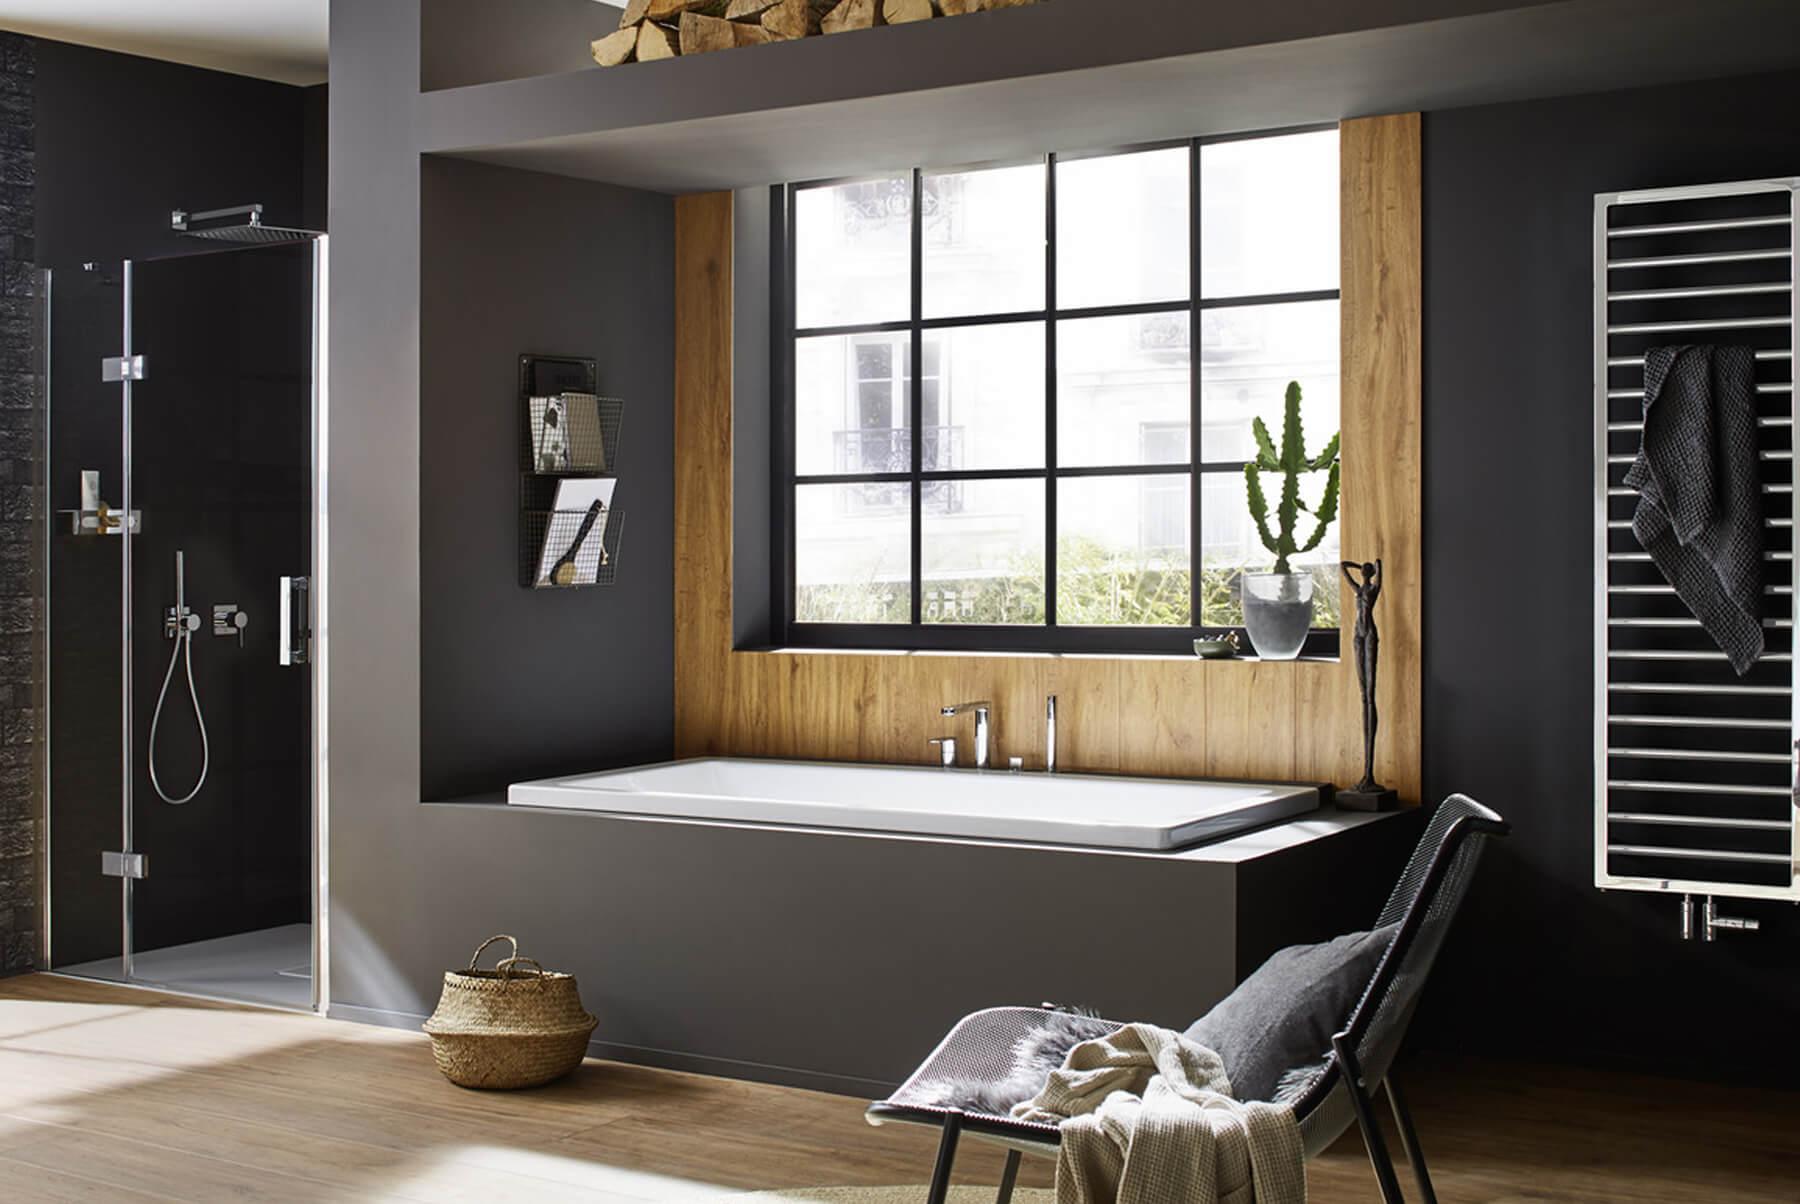 Bath-Tubs-KALDEWEI-CONODUO-5-1800x1204